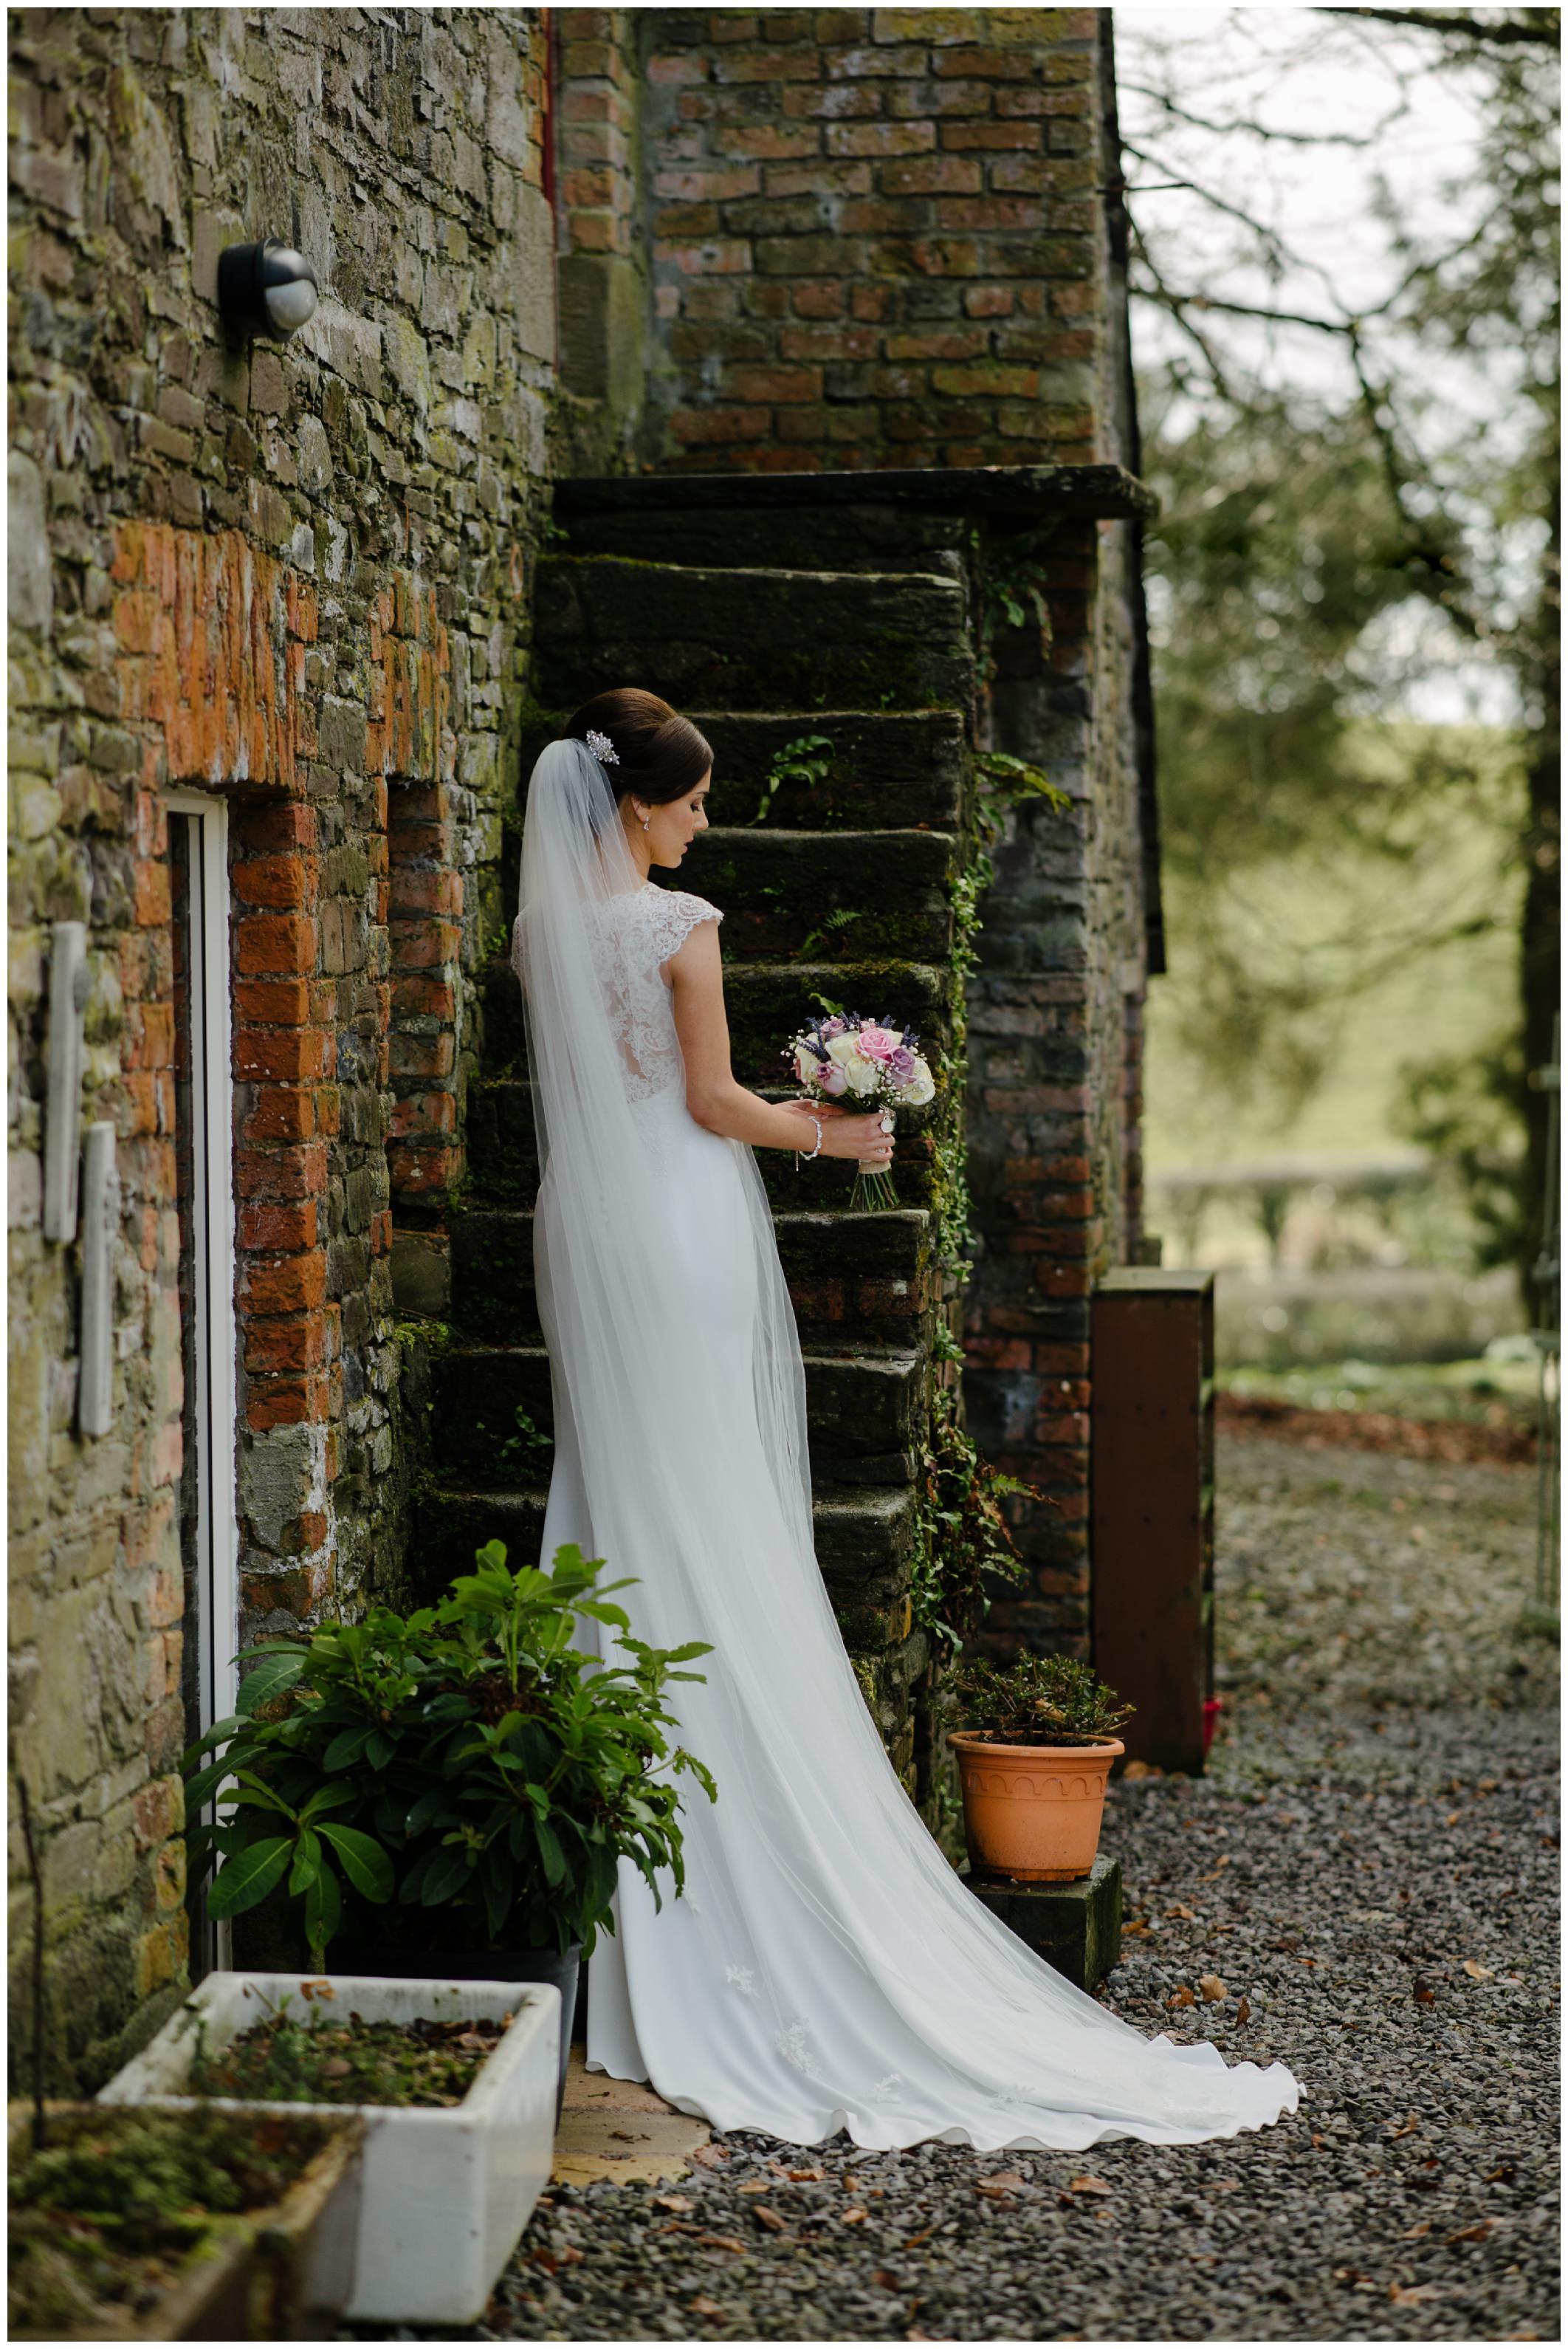 nicola_colm_villa_rose_wedding_jude_browne_photography_0074.jpg